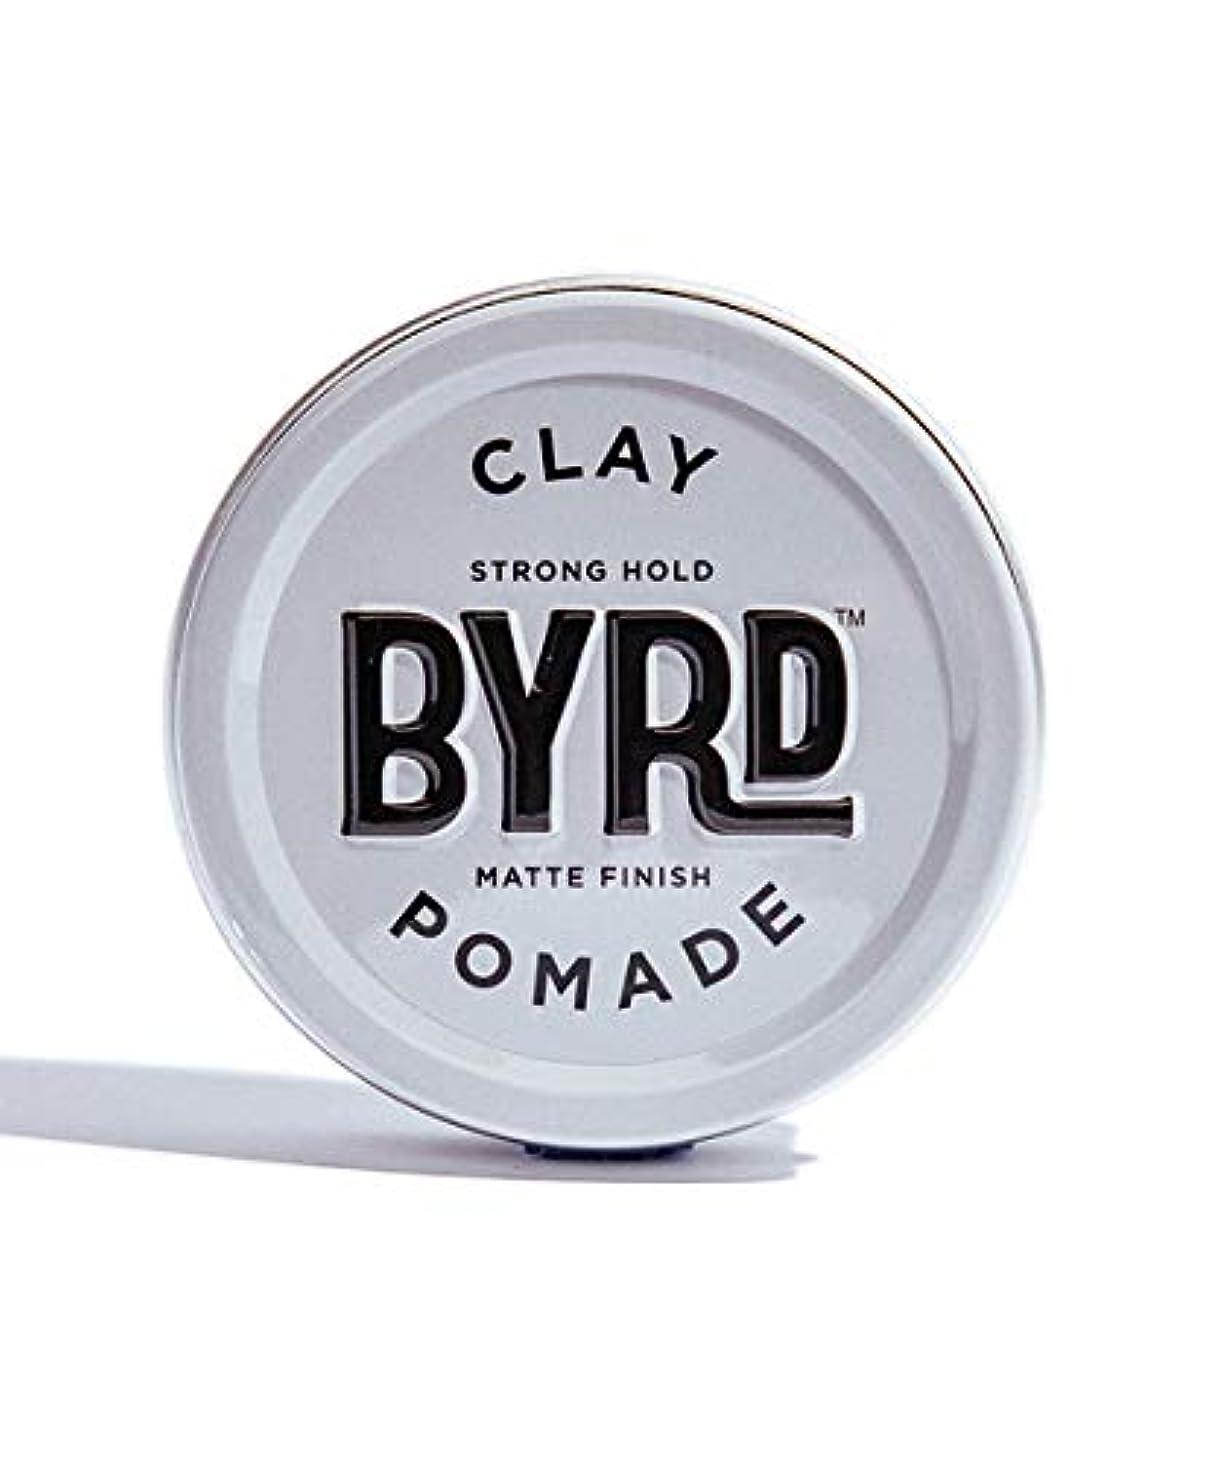 を通して把握注目すべきBYRD/クレイポマード 95g メンズコスメ ワックス ヘアスタイリング かっこいい モテ髪